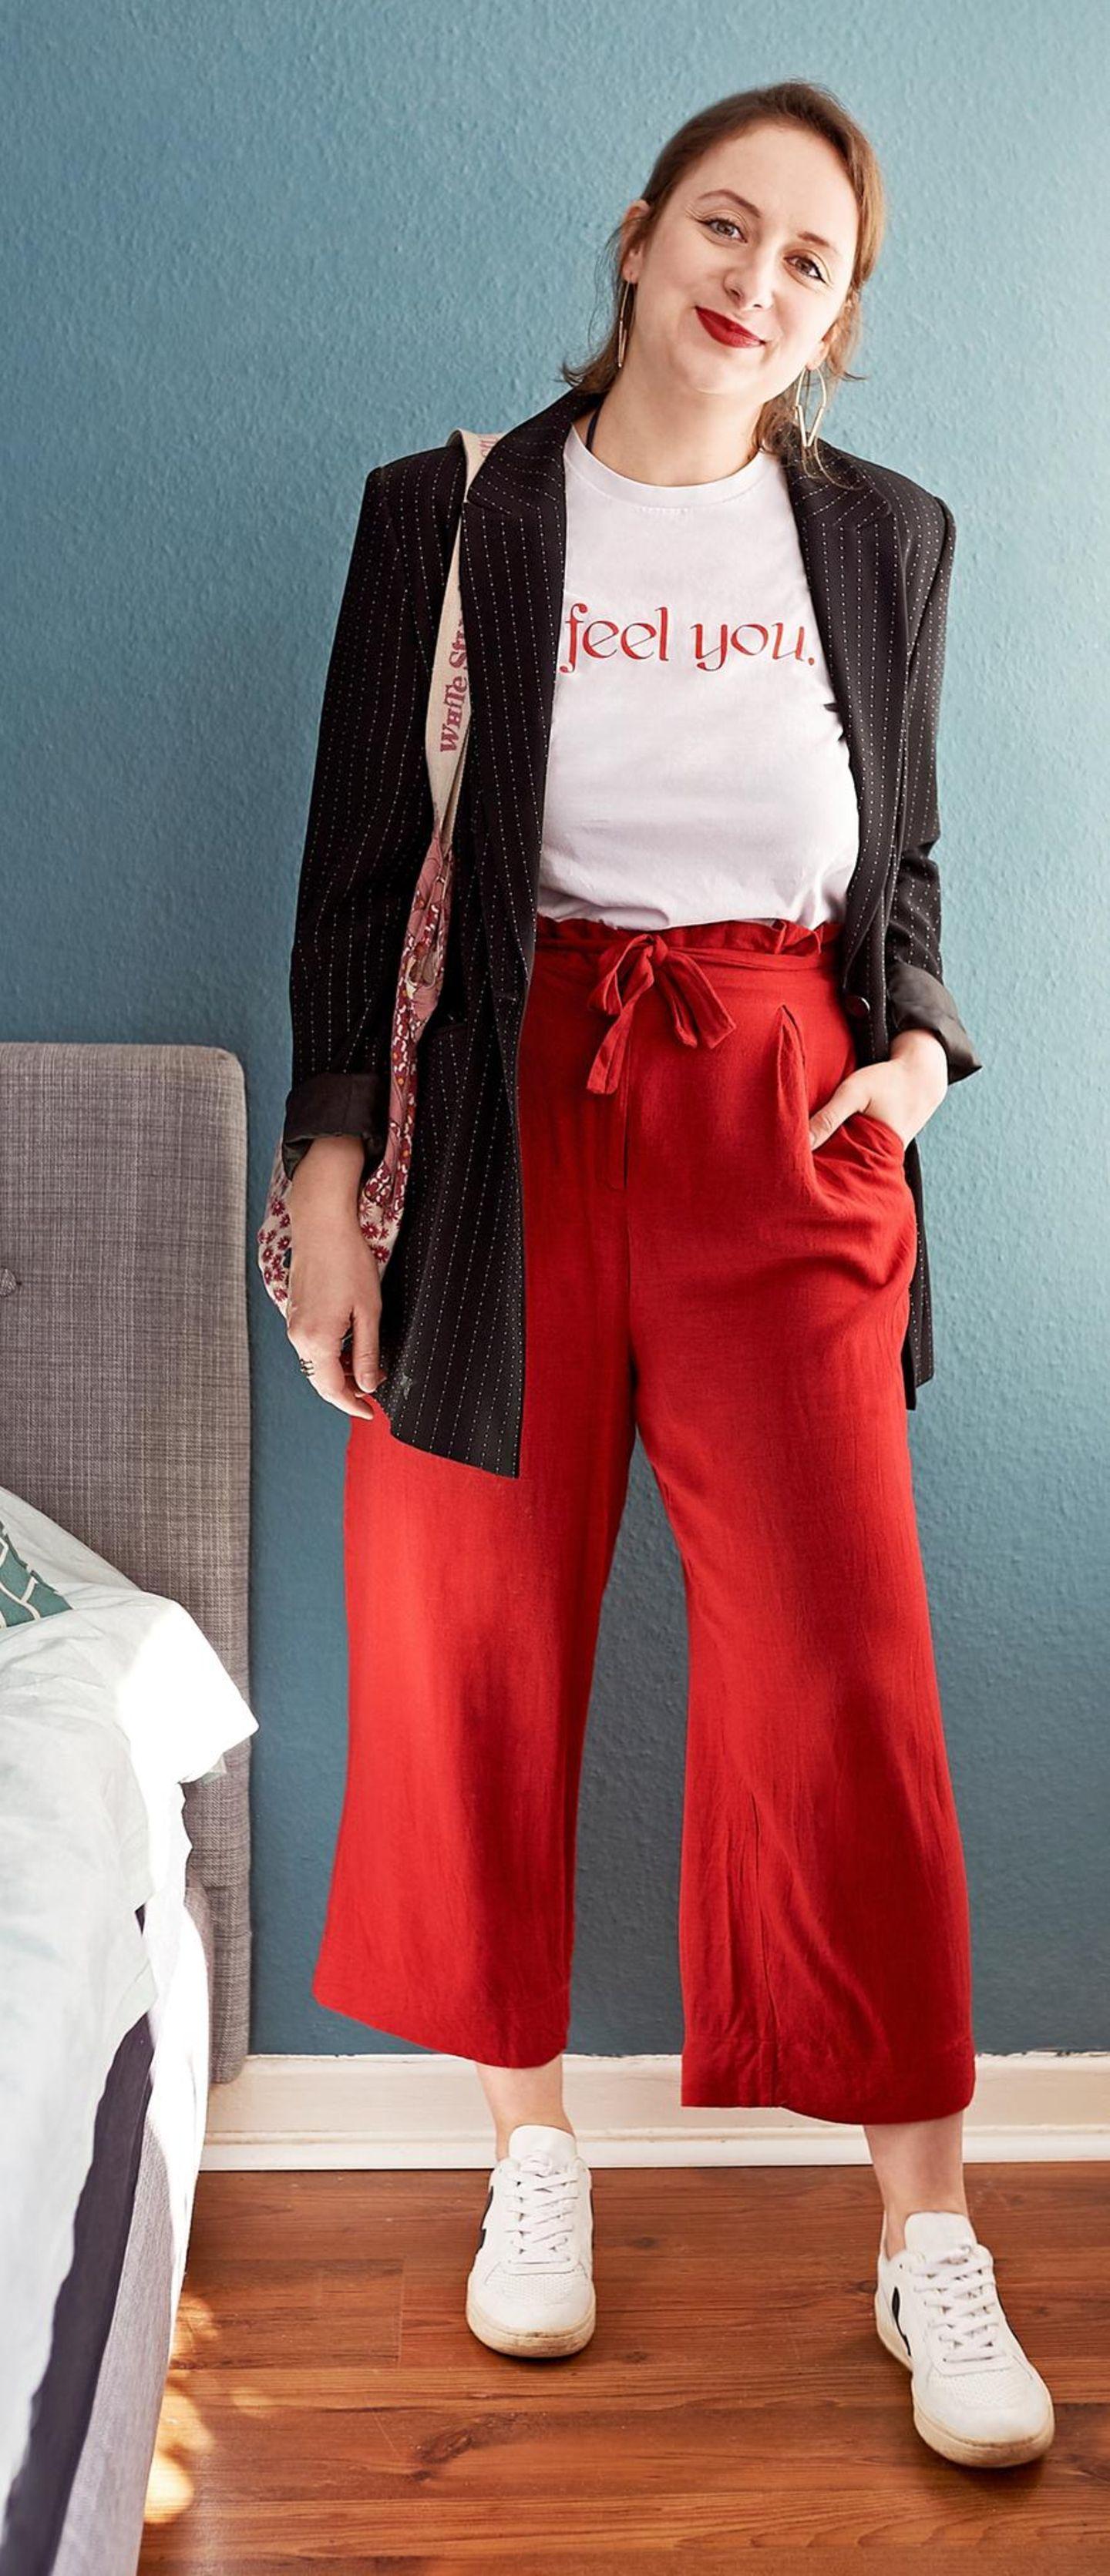 Kleidung kombinieren: Outfit 3